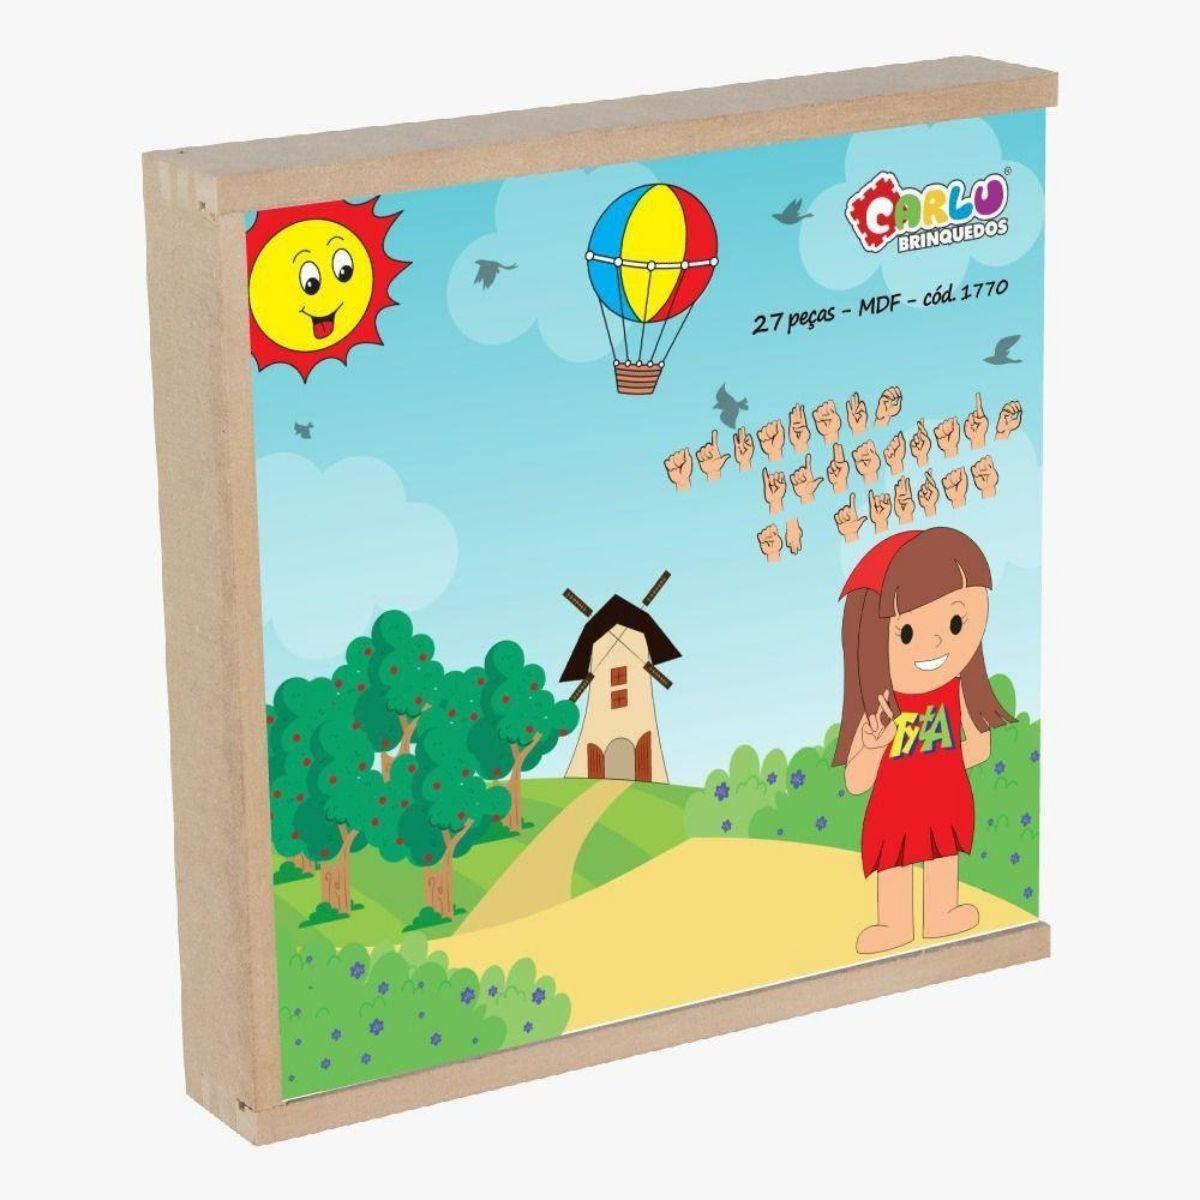 Brinquedo Educativo Libras - Alfabeto Ilustrado